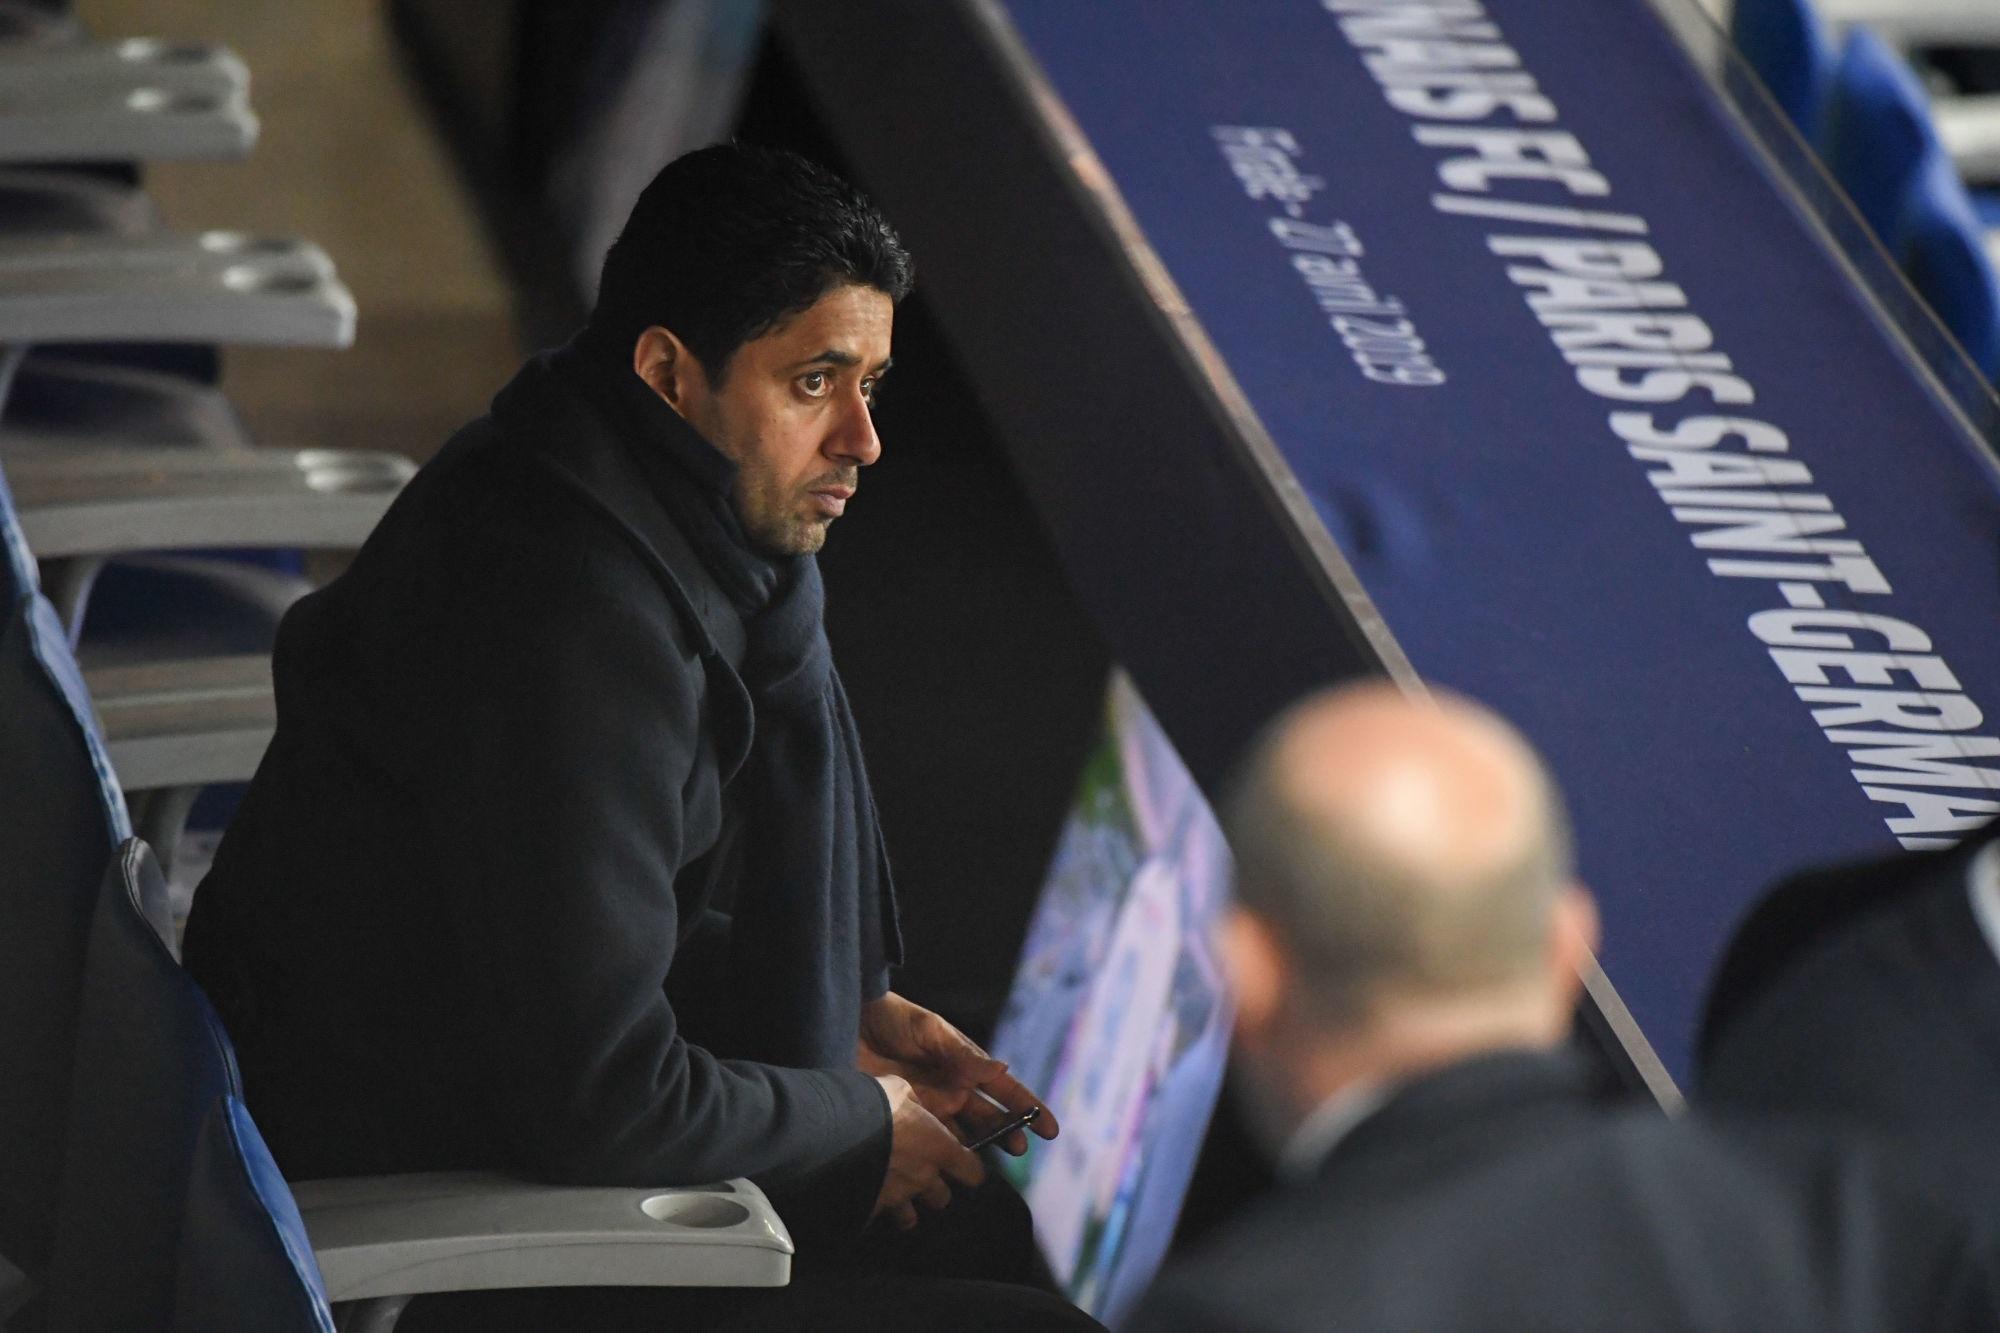 La baisse des salaires particulièrement bloquée au PSG, Al-Khelaïfi agacé explique L'Equipe